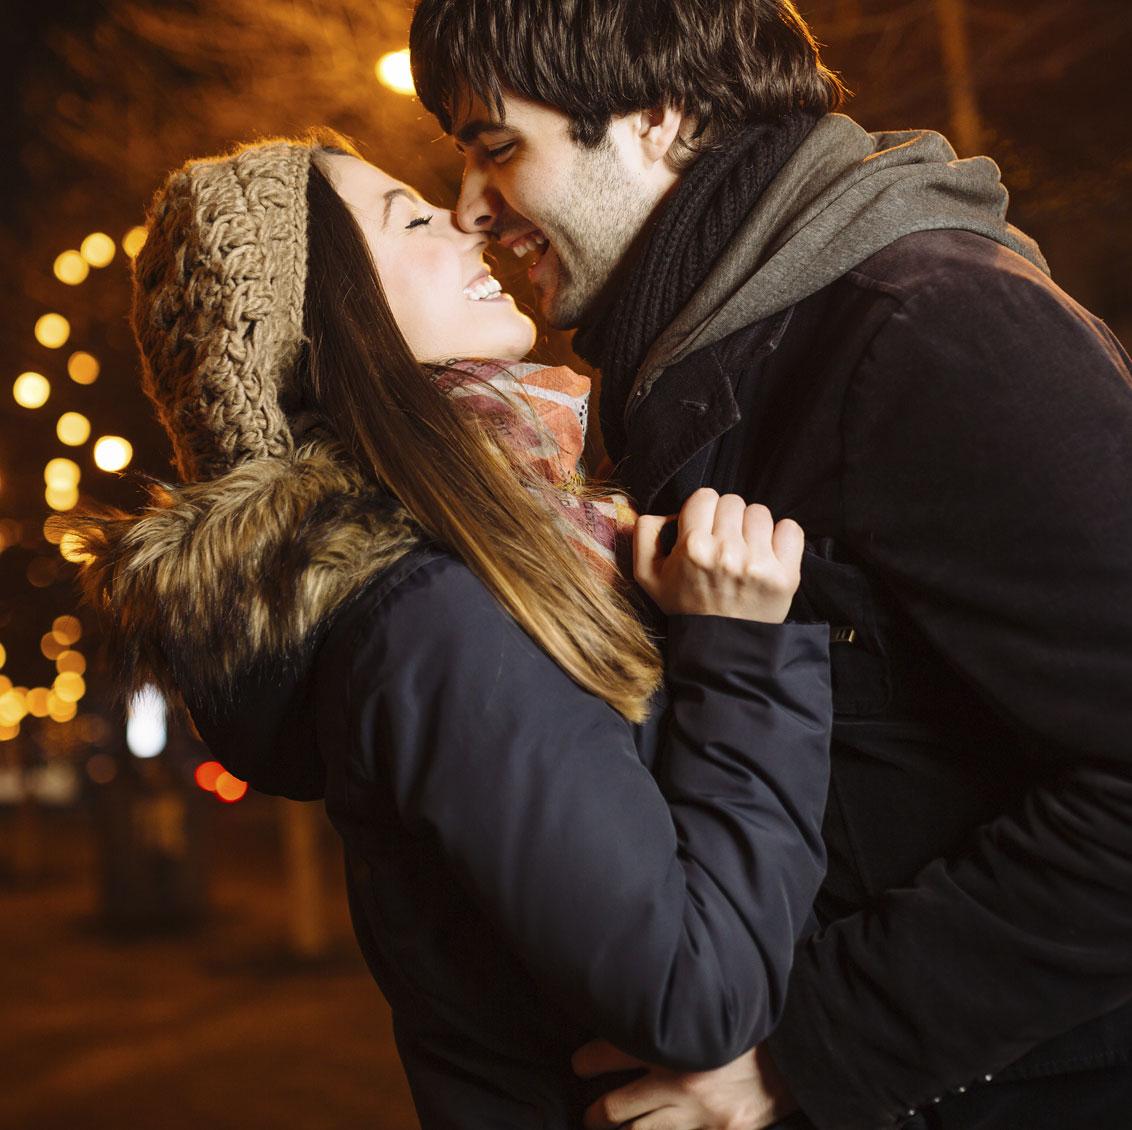 επιτυχίες σε απευθείας σύνδεση dating